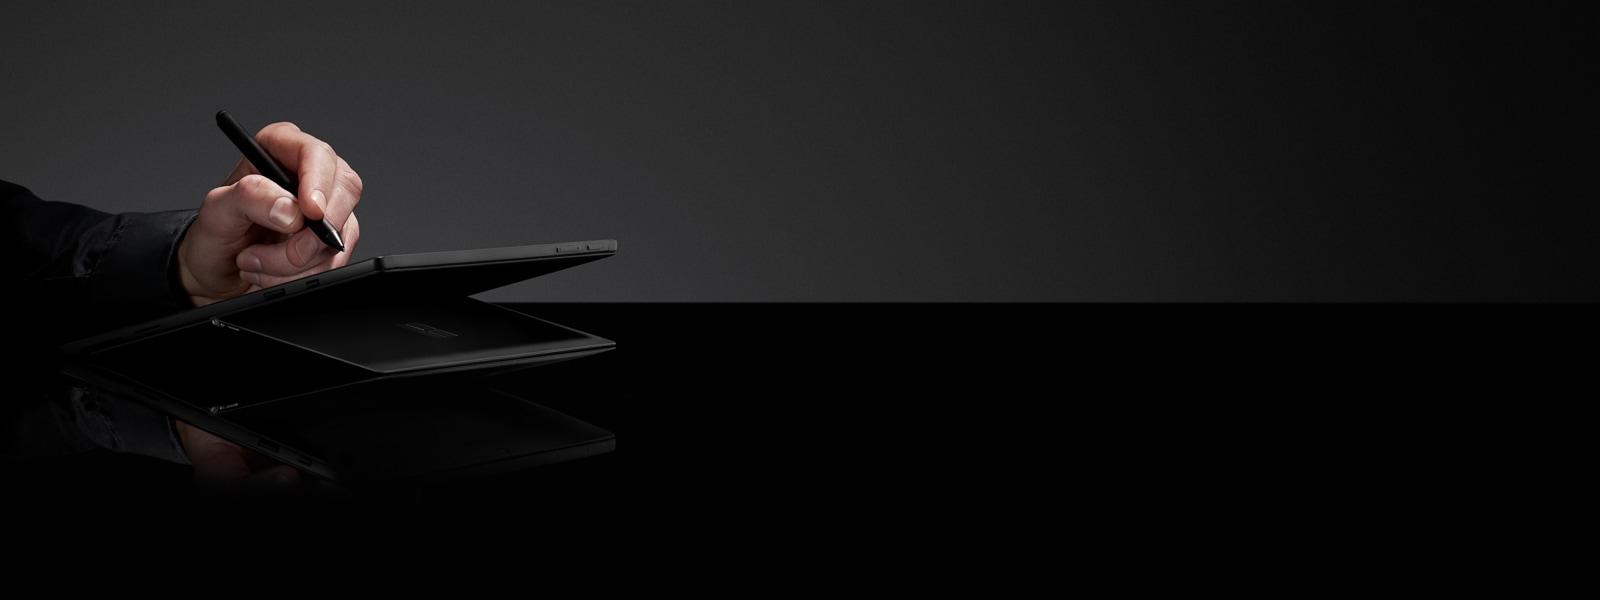 黑色背景下,一个人在典雅黑色颜色的 Surface Pro 6 上使用 Surface 触控笔